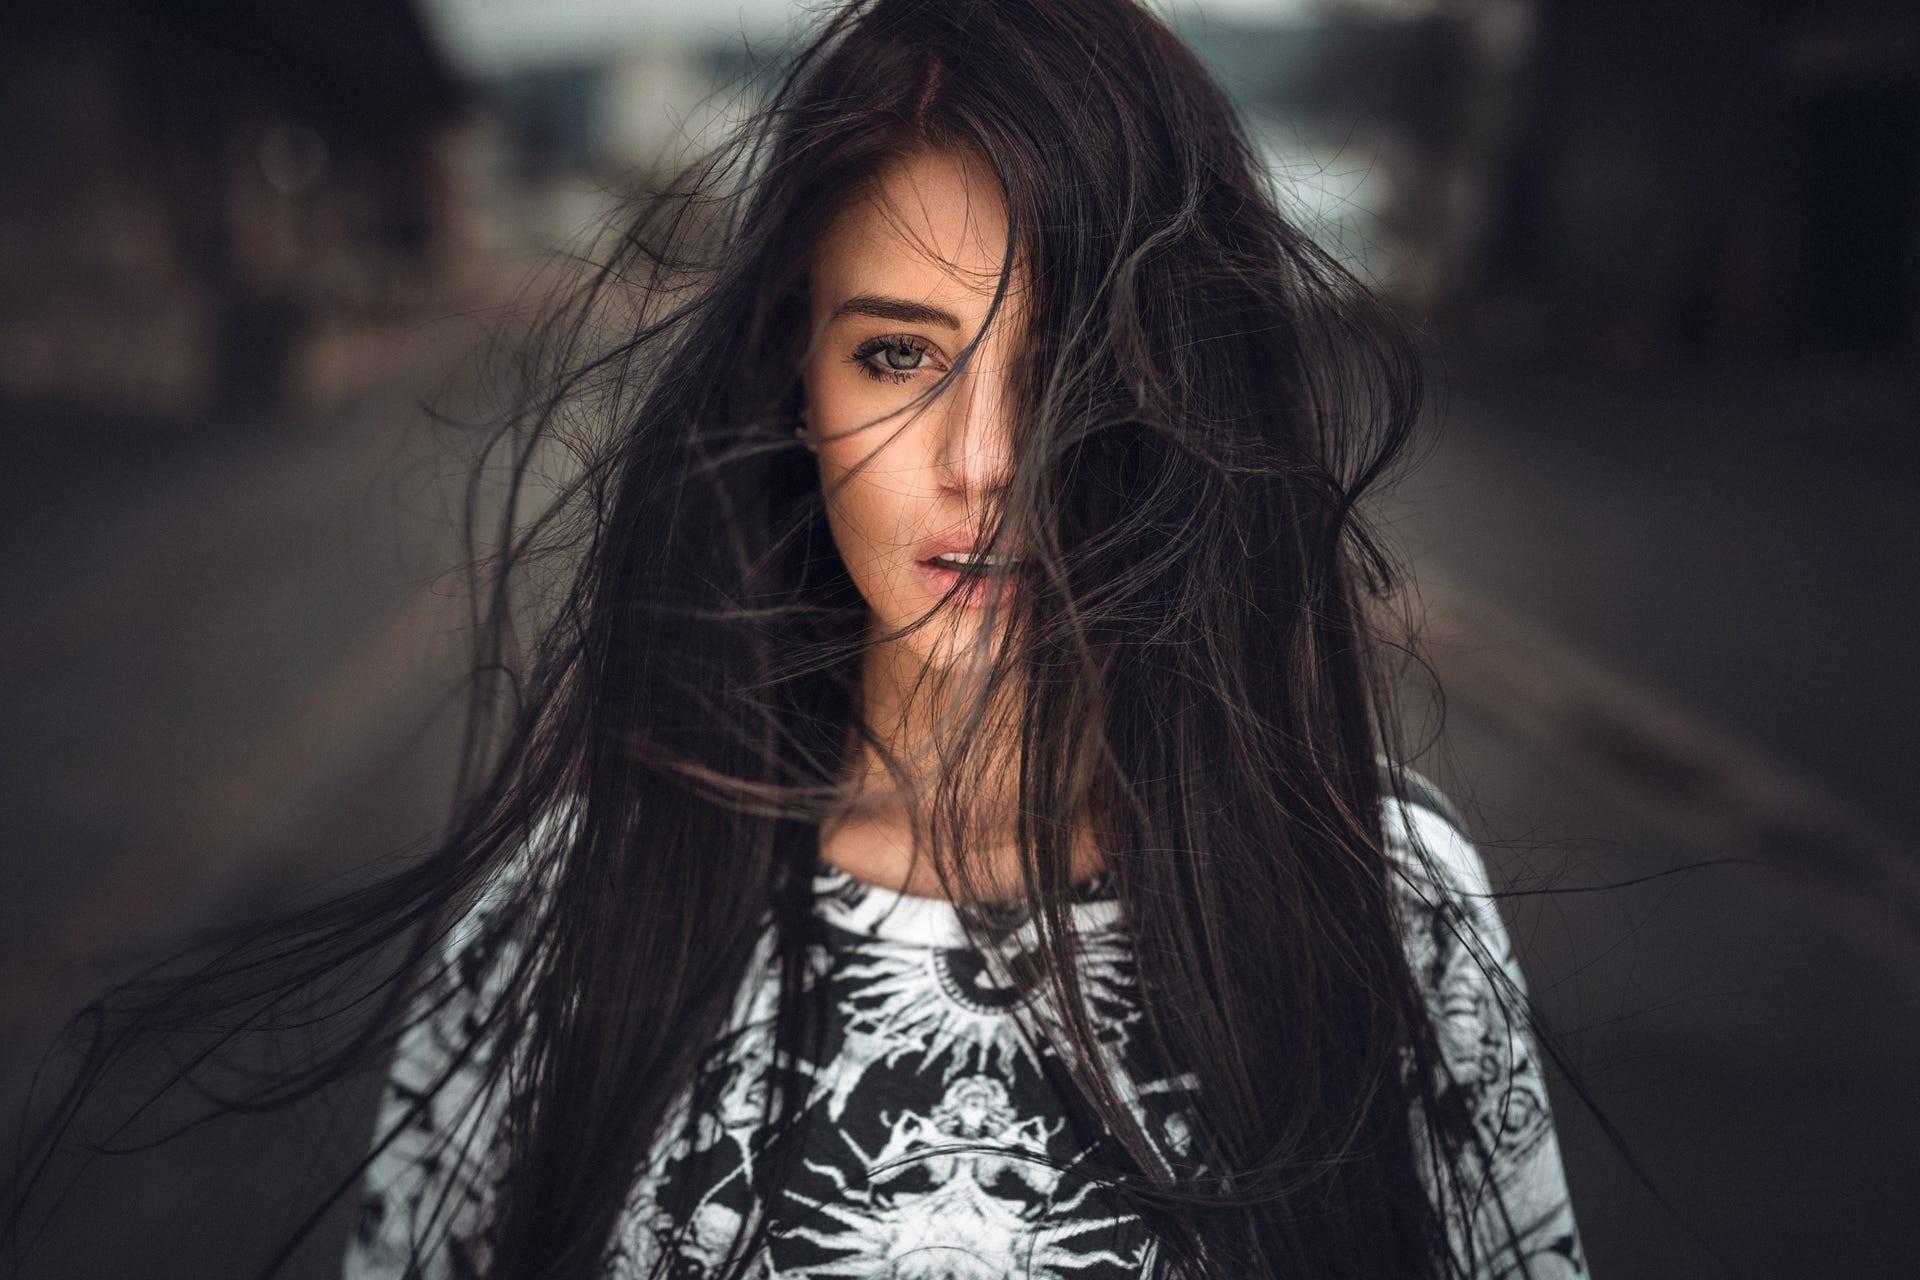 Фото красивых девушек брюнеток с длинными волосами с боку